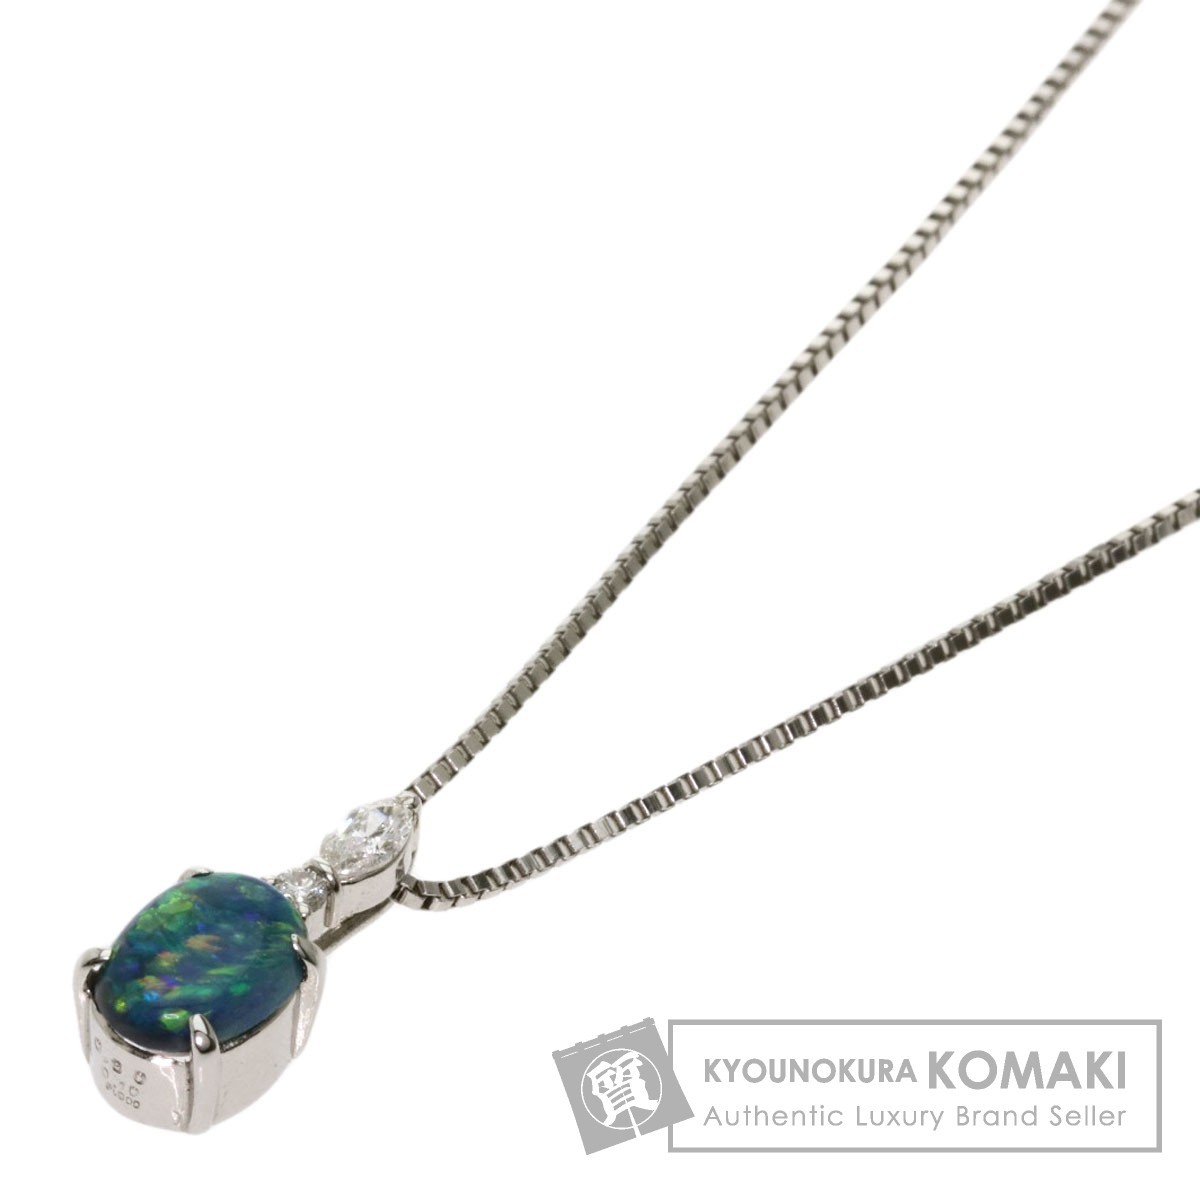 ブラックオパール ダイヤモンド ネックレス プラチナPT900/PT850 レディース 【中古】